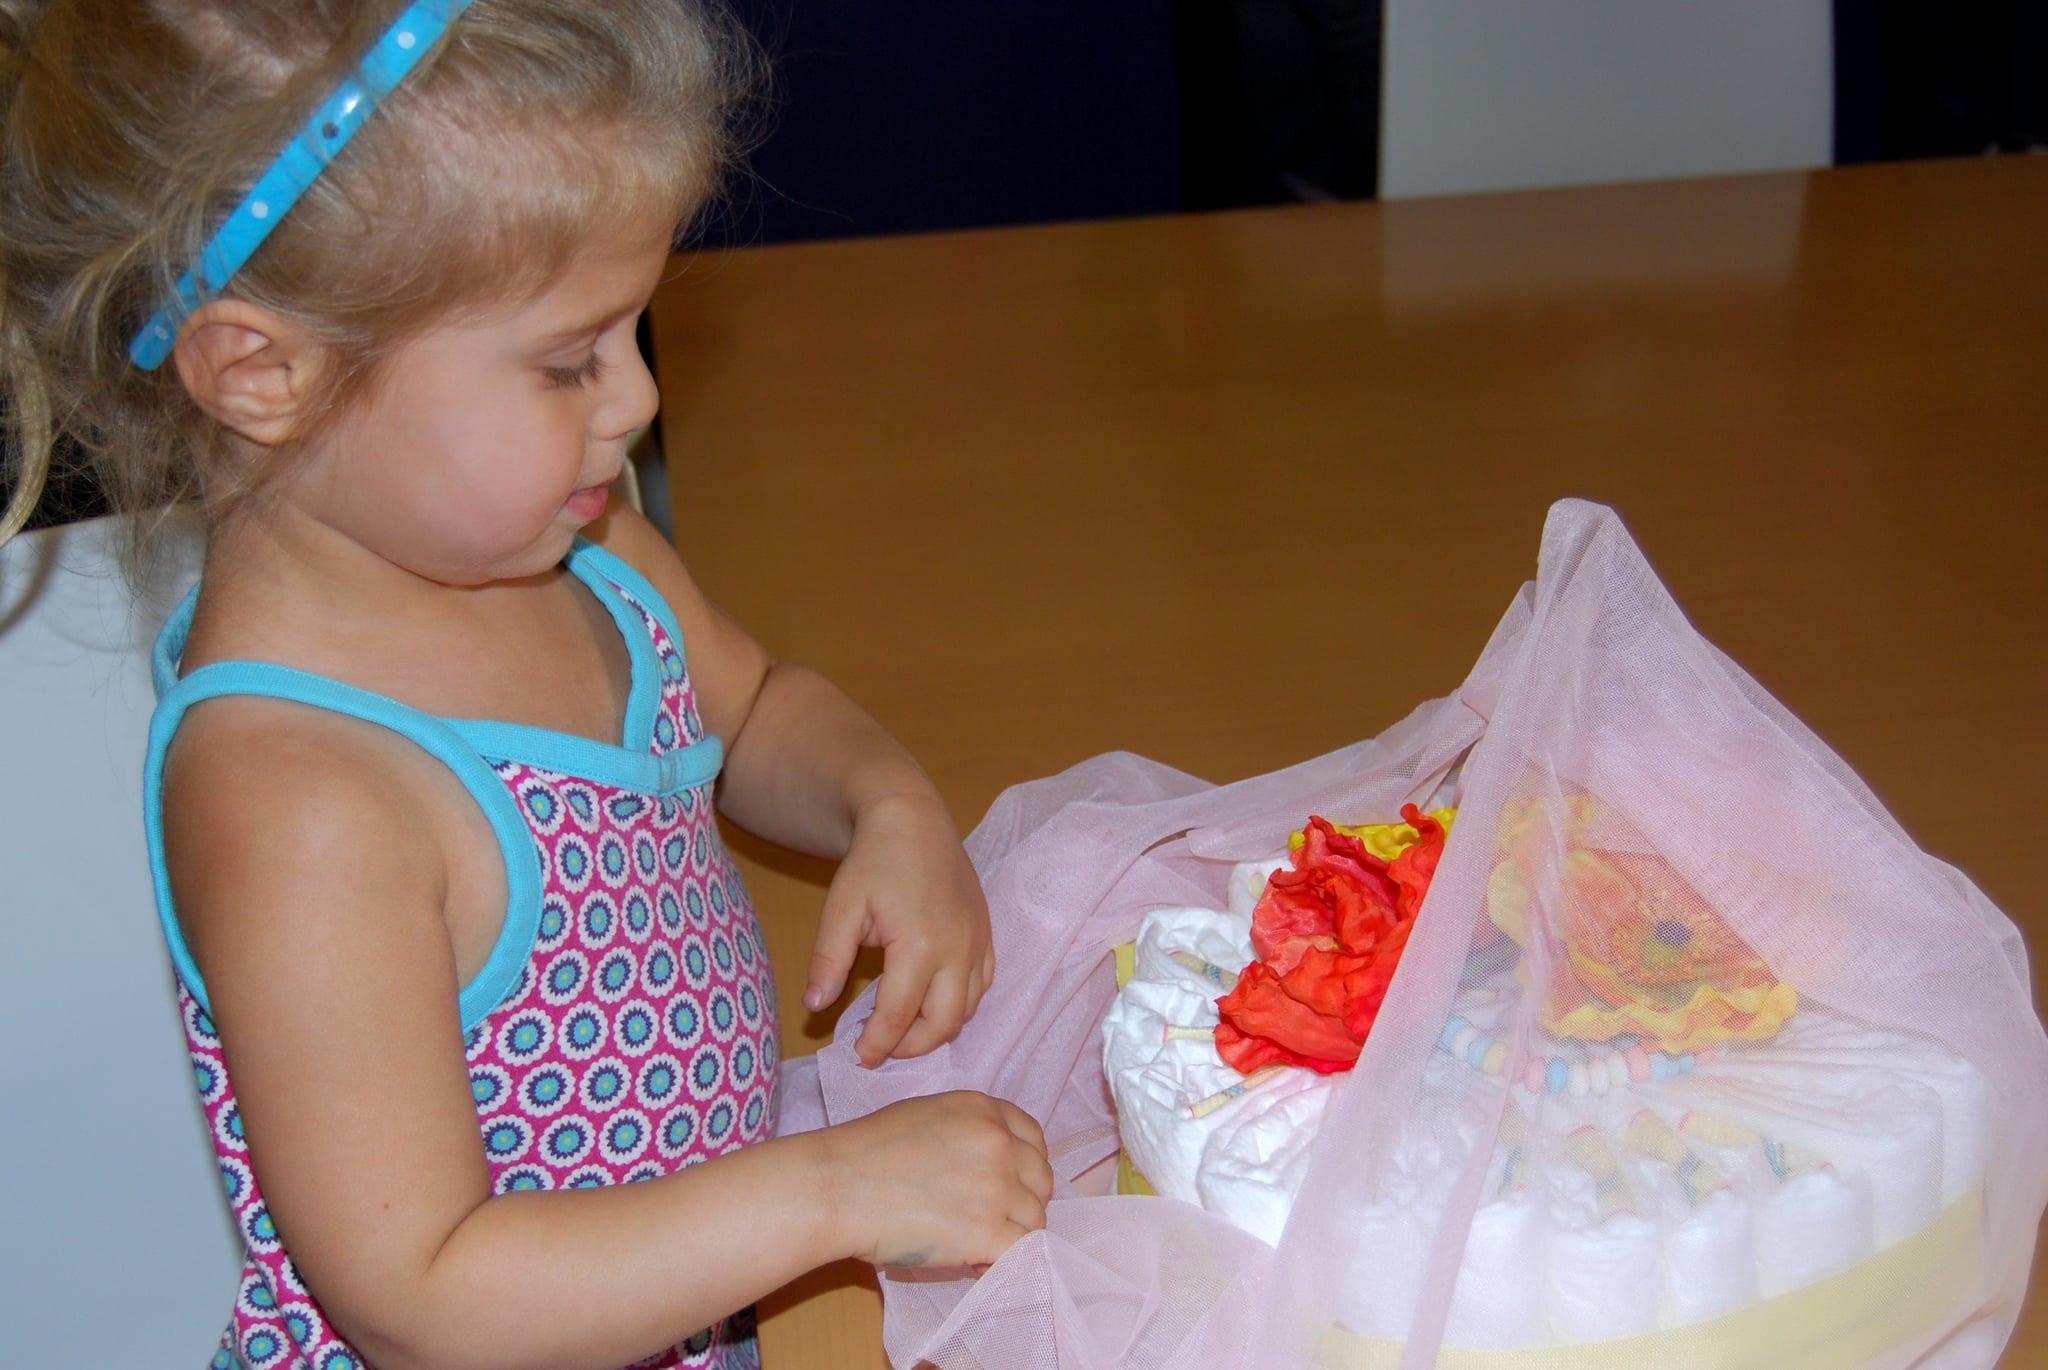 Katie Opens Her Cake